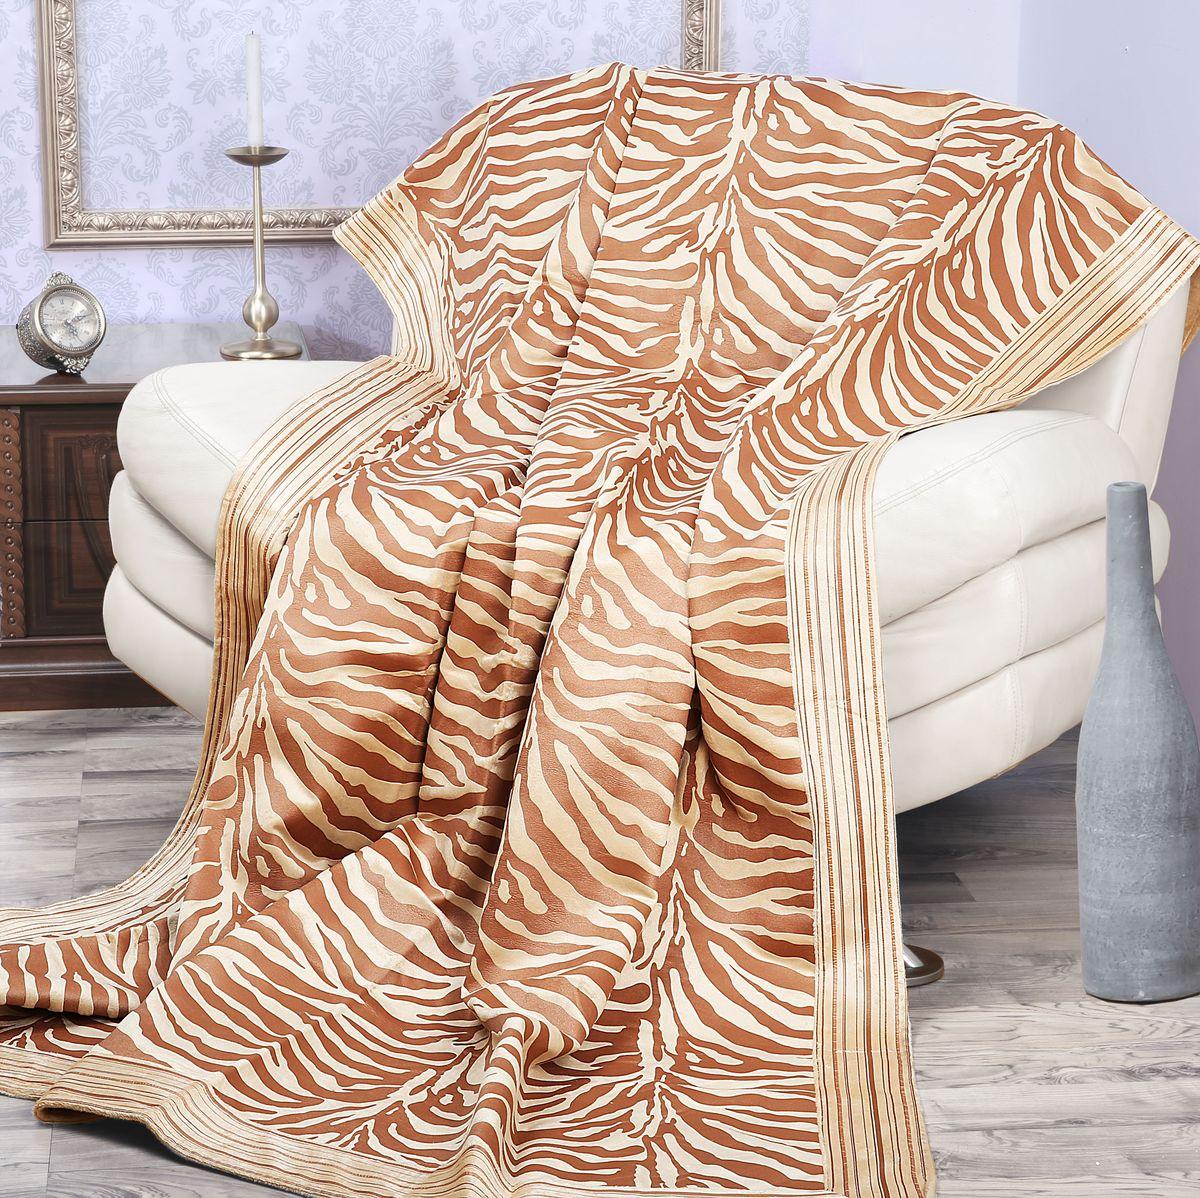 Покрывало Mona Liza Elite Indigo, цвет: бежевый, коричневый, 200 см х 220 см530961/1Роскошное покрывало Mona Liza Elite Indigo из высококачественного полиэстера гармонично впишется в интерьер вашего дома и создаст атмосферу уюта и комфорта. Такое покрывало согреет в прохладную погоду и будет превосходно дополнять интерьер вашей спальни. Высочайшее качество материала гарантирует безопасность не только взрослых, но и самых маленьких членов семьи. Небольшой ворс придает покрывалу мягкость и оригинальность. Покрывало может подчеркнуть любой стиль интерьера, задать ему нужный тон - от игривого до ностальгического. Покрывало - это такой подарок, который будет всегда актуален, особенно для ваших родных и близких, ведь вы дарите им частичку своего тепла! Покрывала серии Mona Liza Elite выполнены из шенилловой ткани деворе - при выжигании части волокон образуется характерный рельефный рисунок.